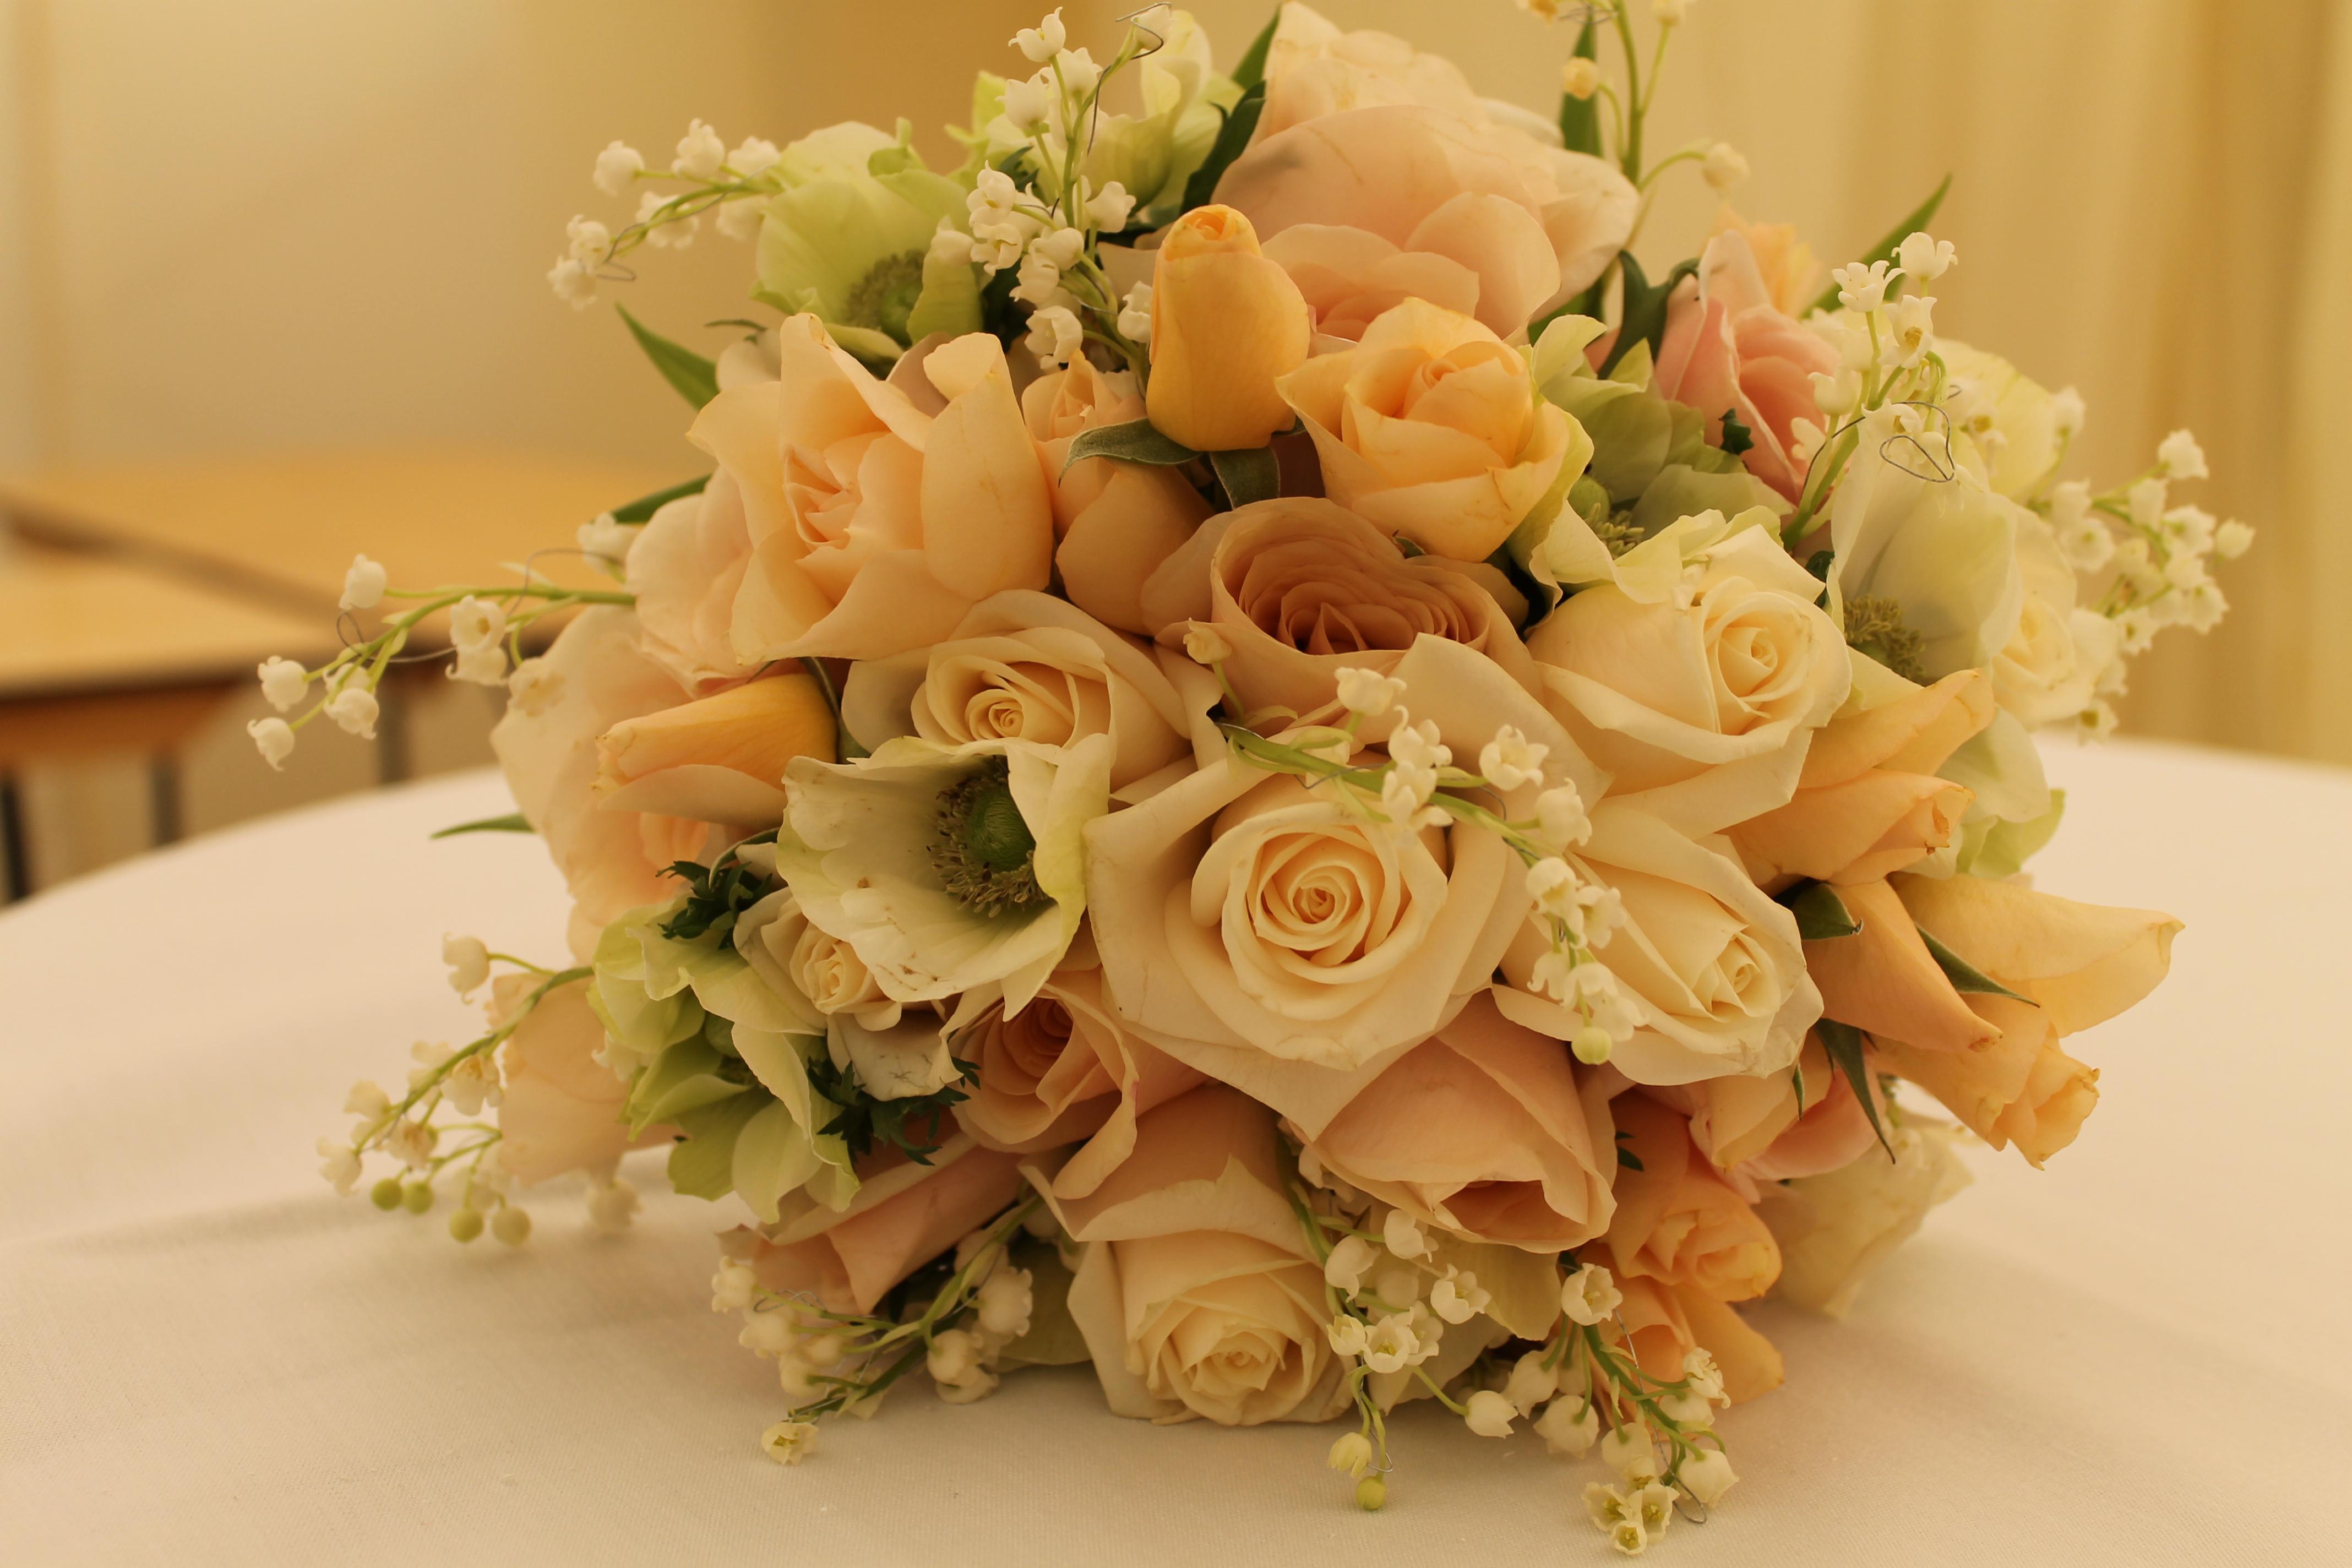 Nellies Vintage Wedding Flowers In Cornwall